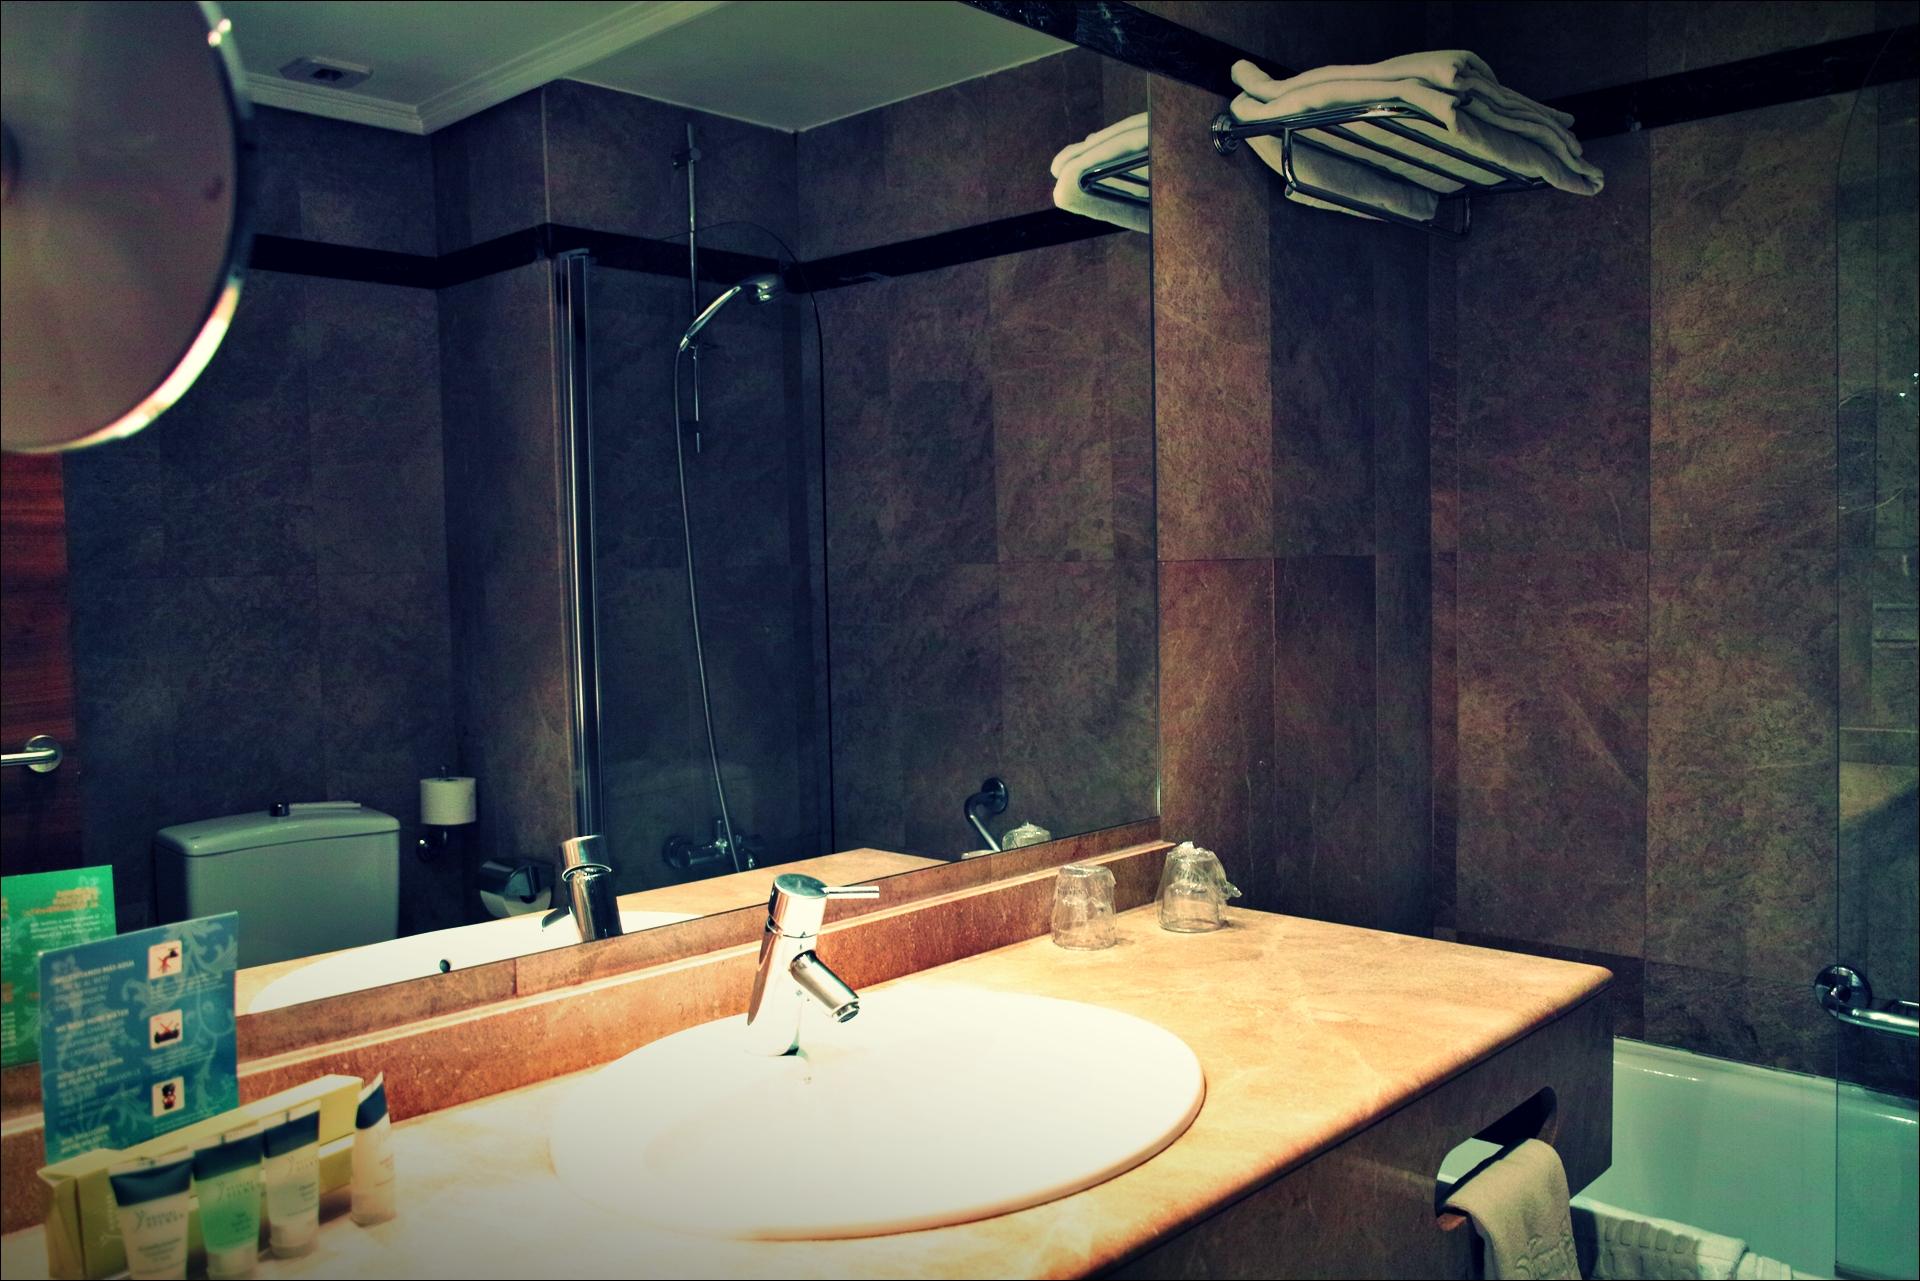 욕실-'산 세바스티안 실켄 아마라 플라자 호텔 Hotel Silken Amara Plaza'